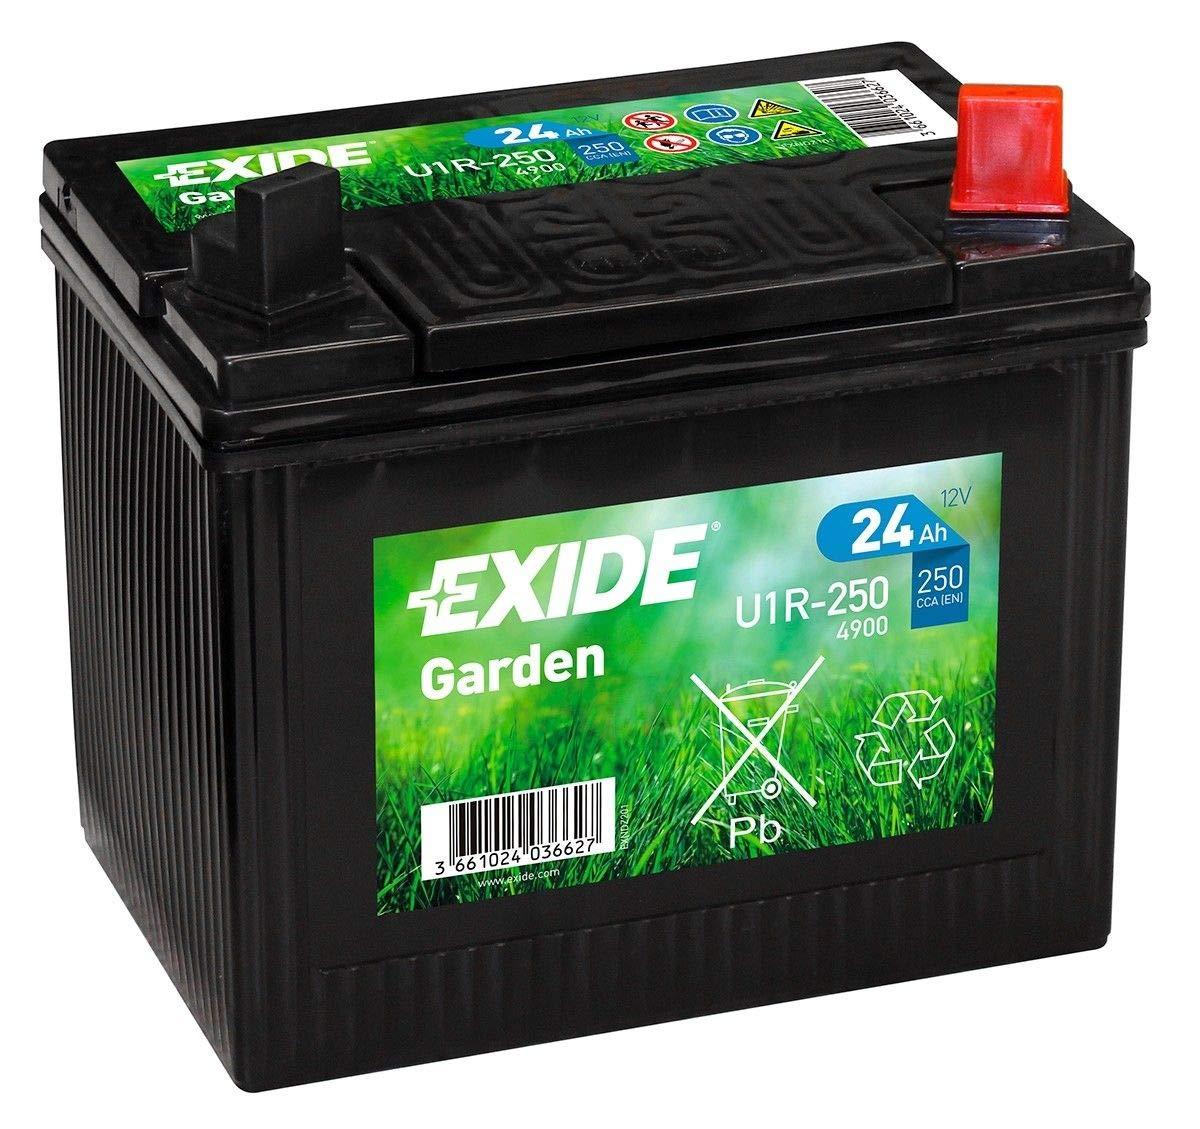 EXIDE U1R-250 (4900) 895 12V 24AH 250A Batería de jardín para ...